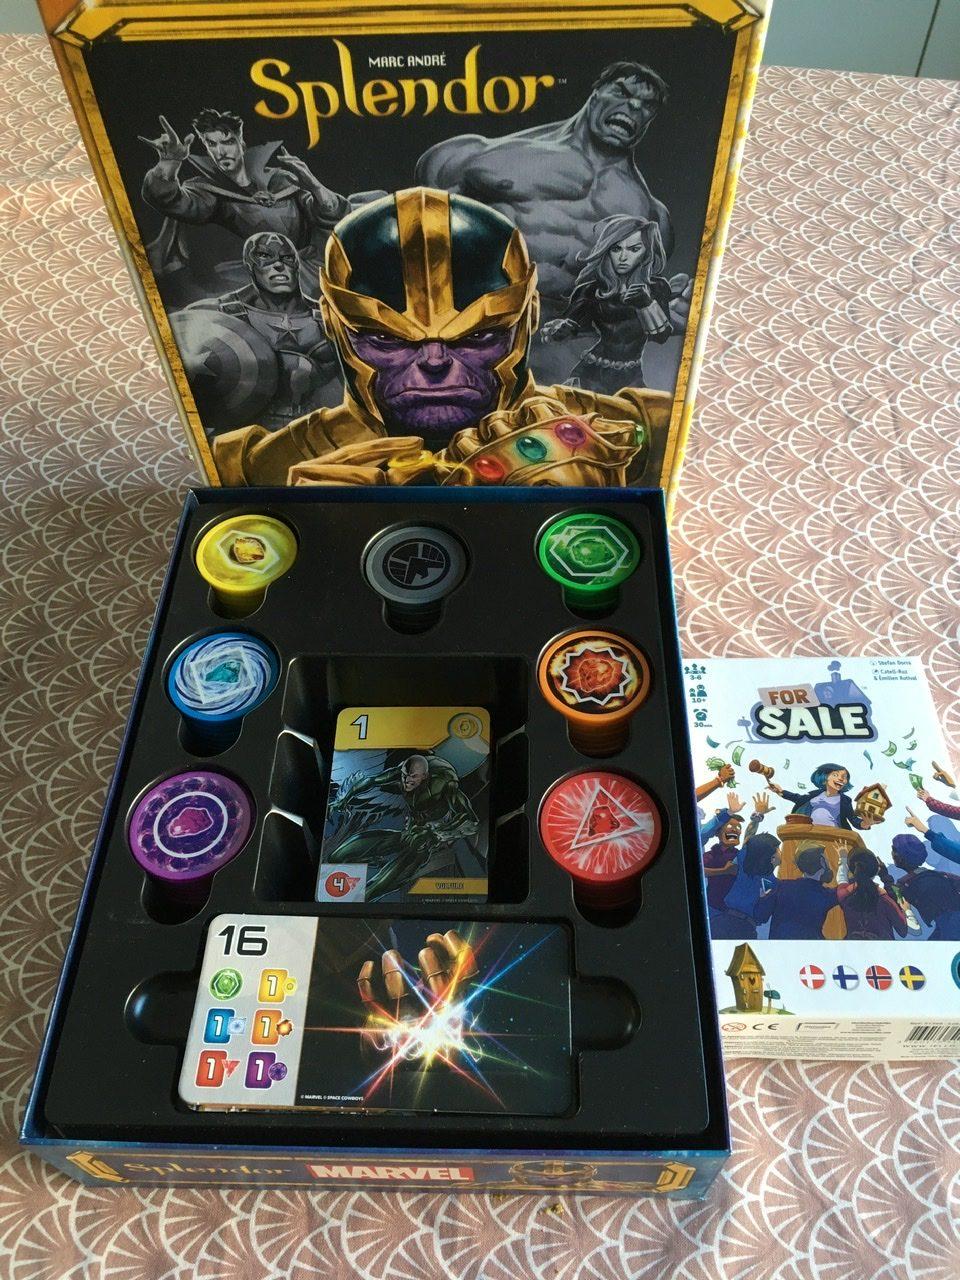 Uusi klassikko, vanha klassikko – Testissä Splendor Marvel ja For Salen uusin painos